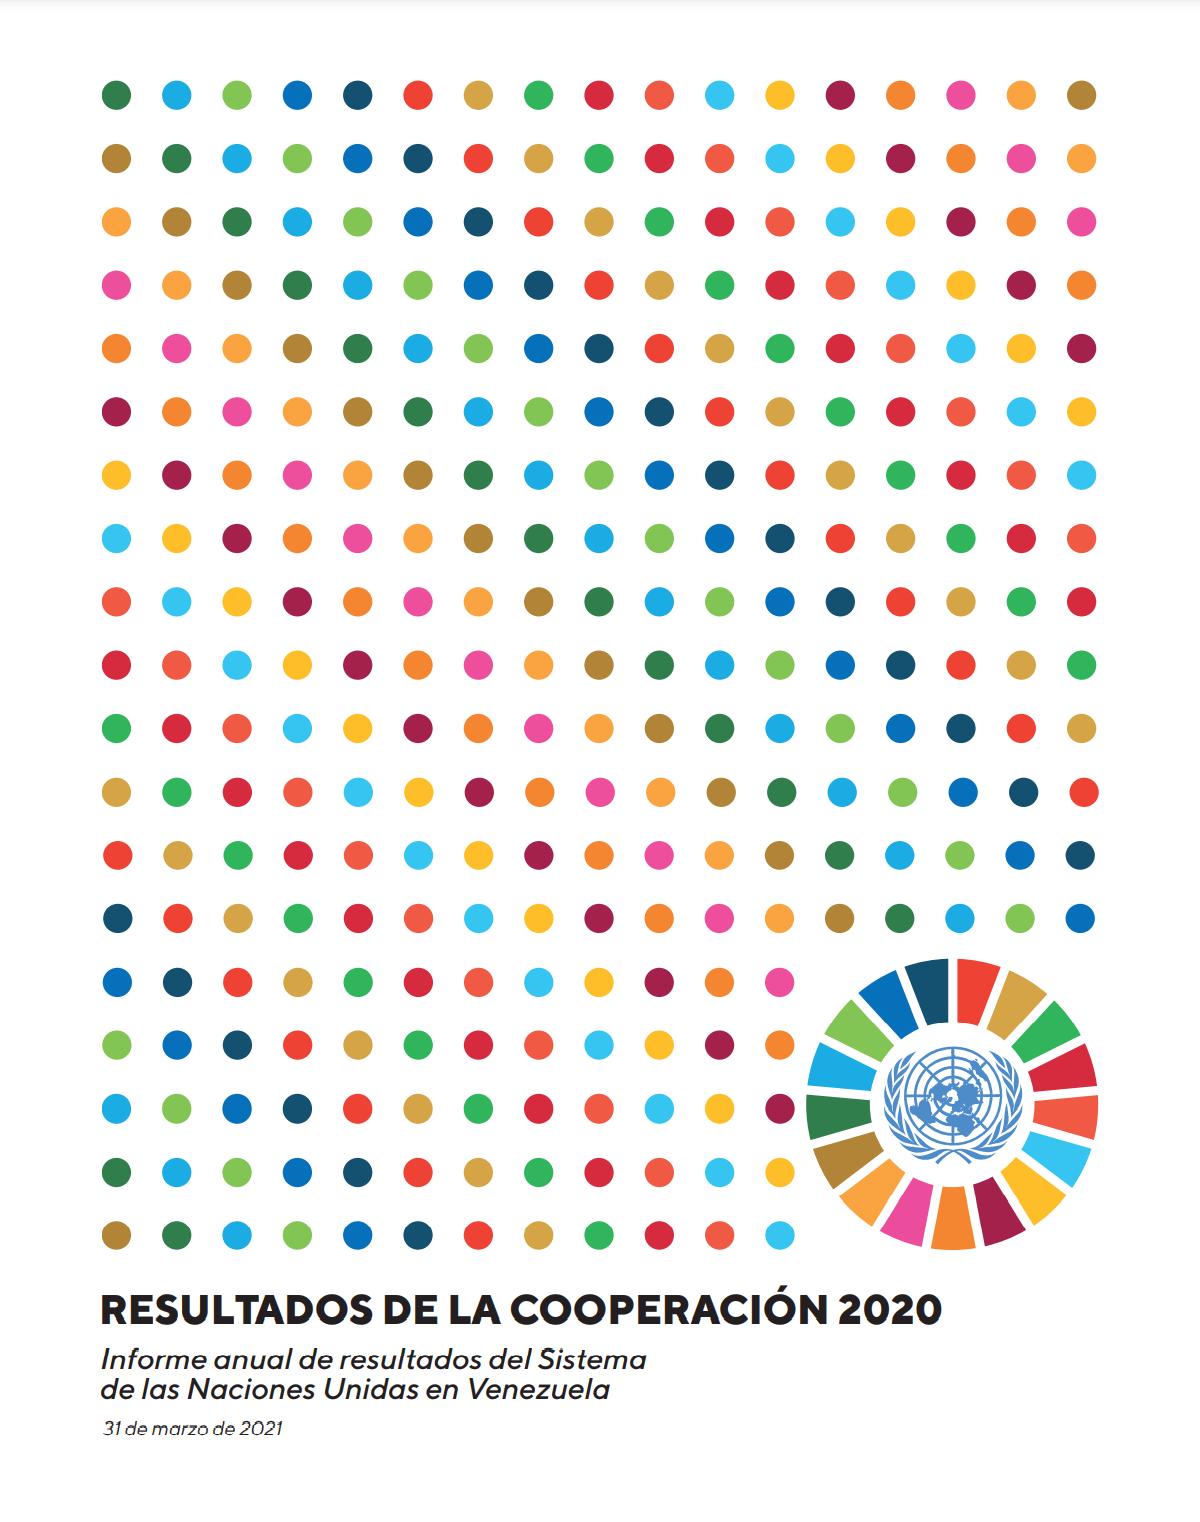 Informe anual de resultados del Sistema de las Naciones Unidas en Venezuela 2020